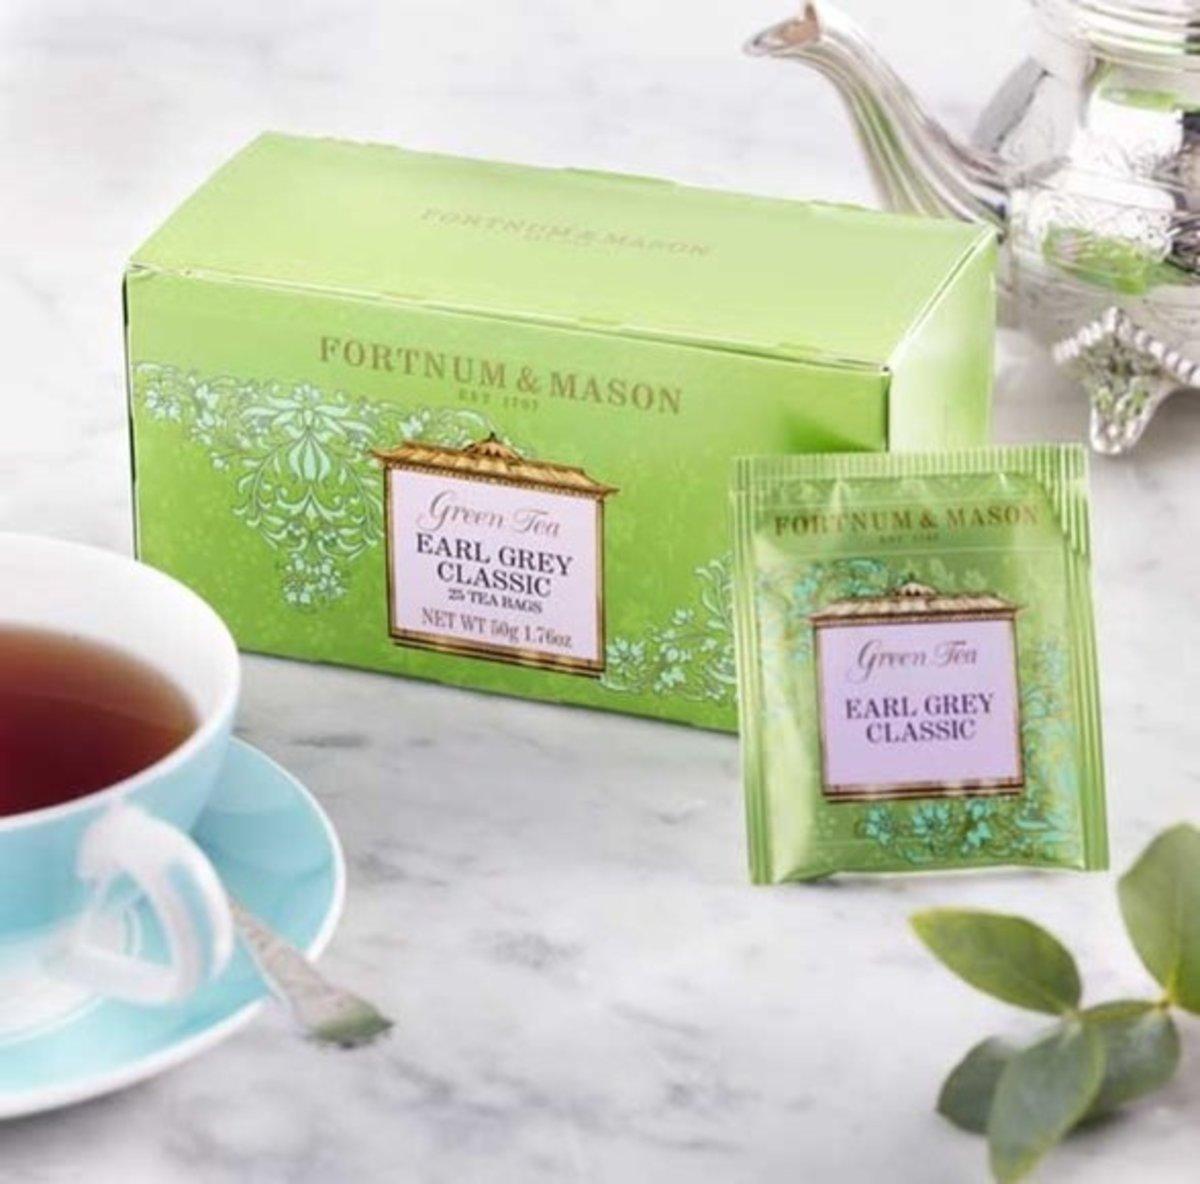 綠茶伯爵灰色經典 25包(獨立包裝)(平行進口貨品)